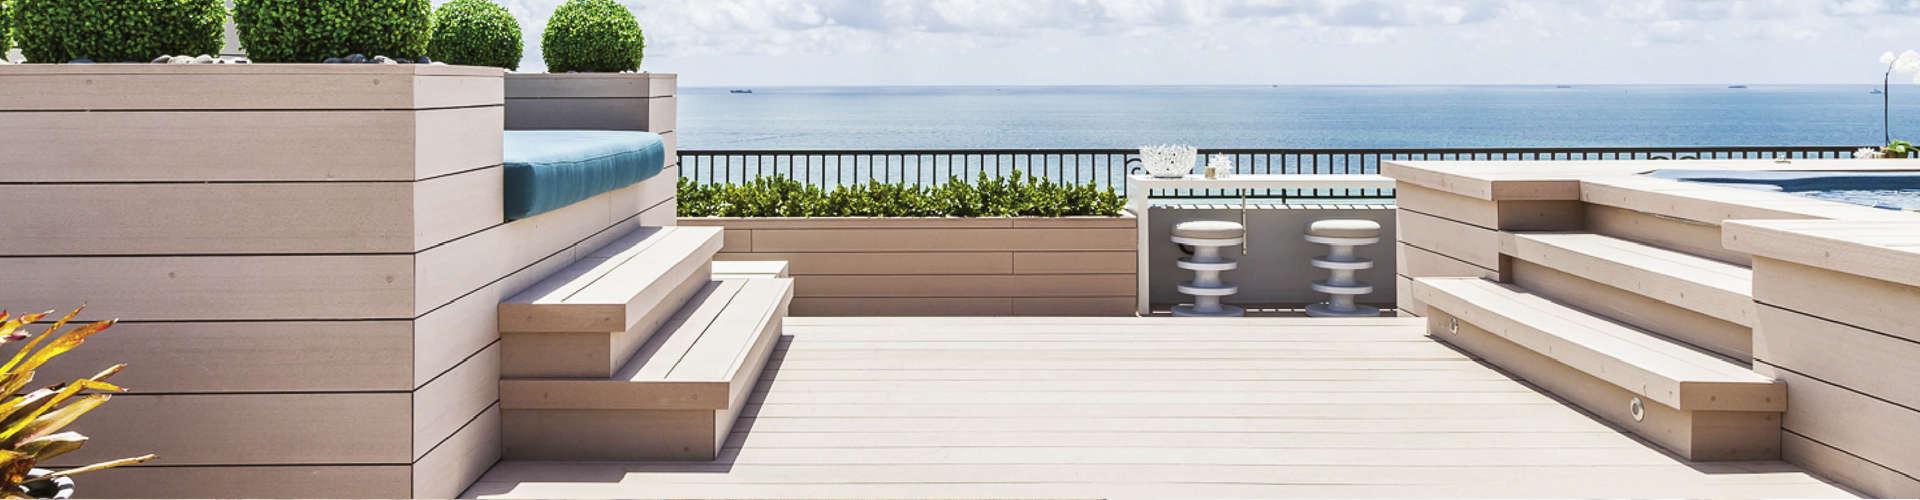 Resysta Decking / Bodenbelag und Möbel